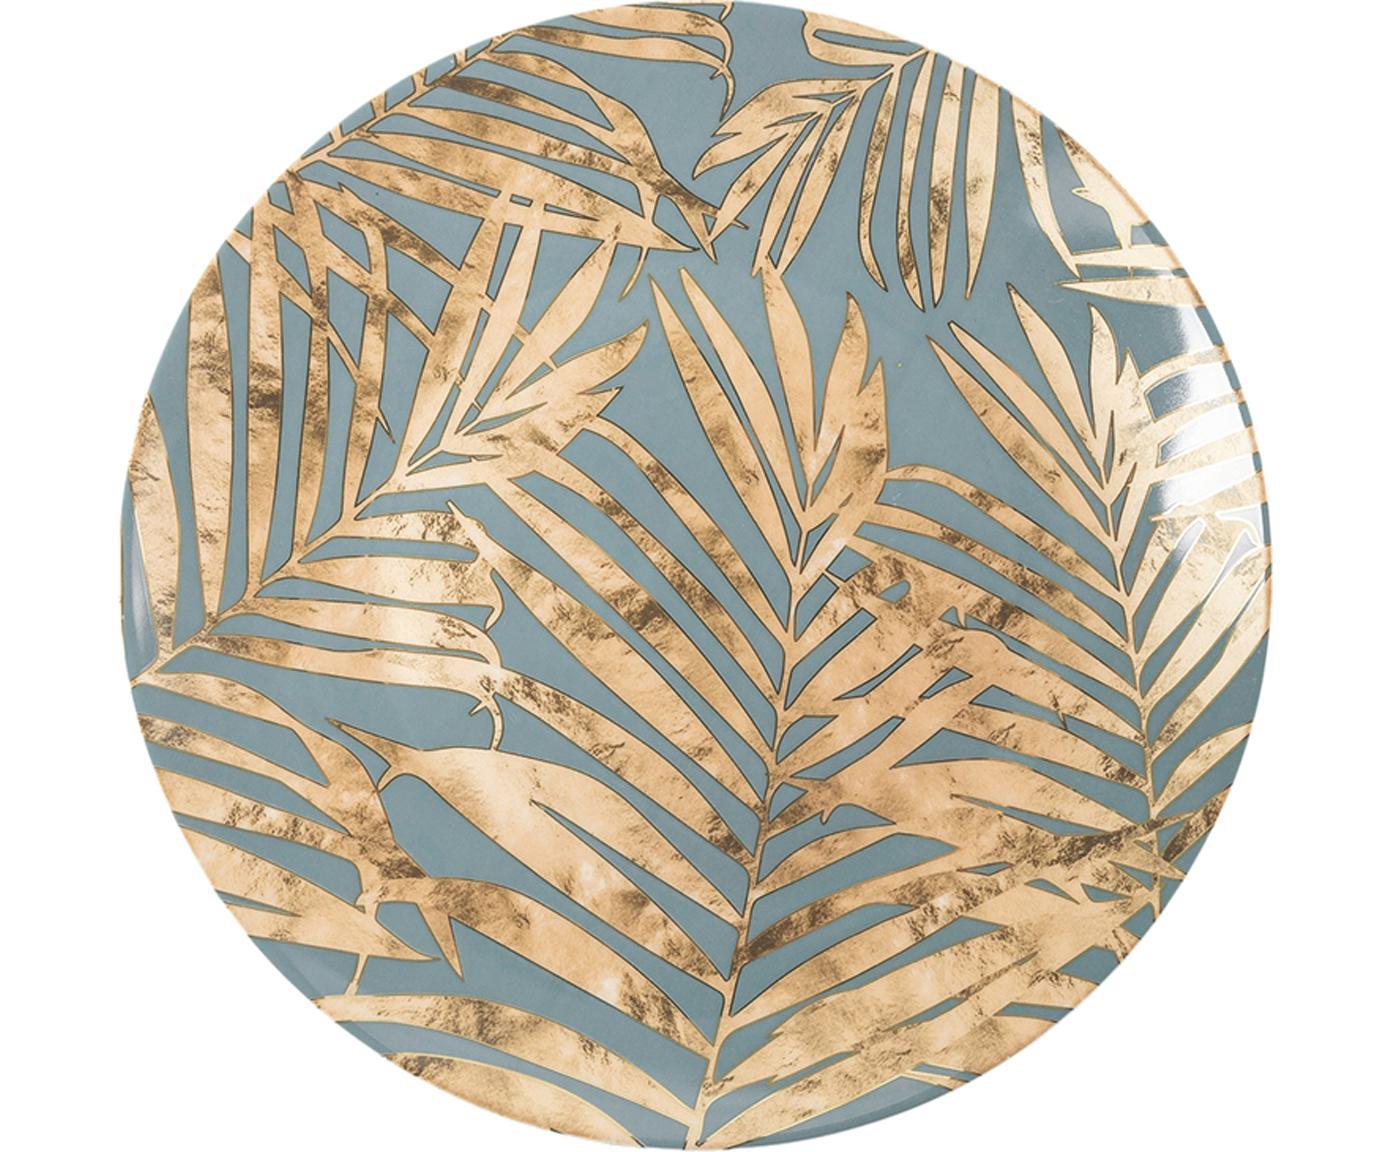 Komplet naczyń  Forest Chic, 18 elem., Porcelana, Wielobarwny, Różne rozmiary